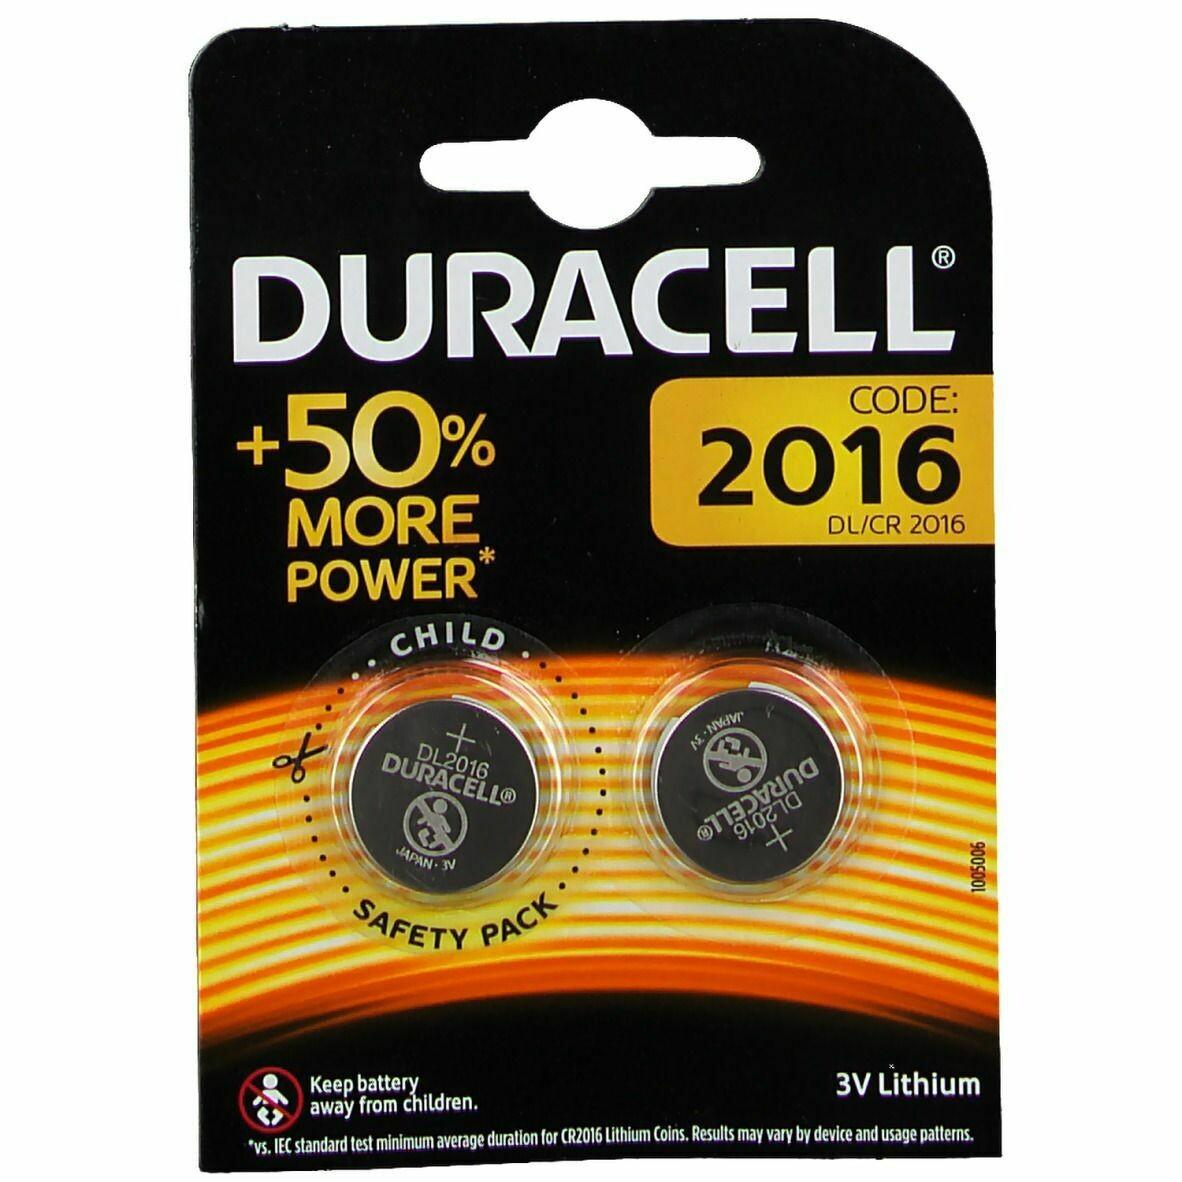 Batteria 2016 duracell plus power